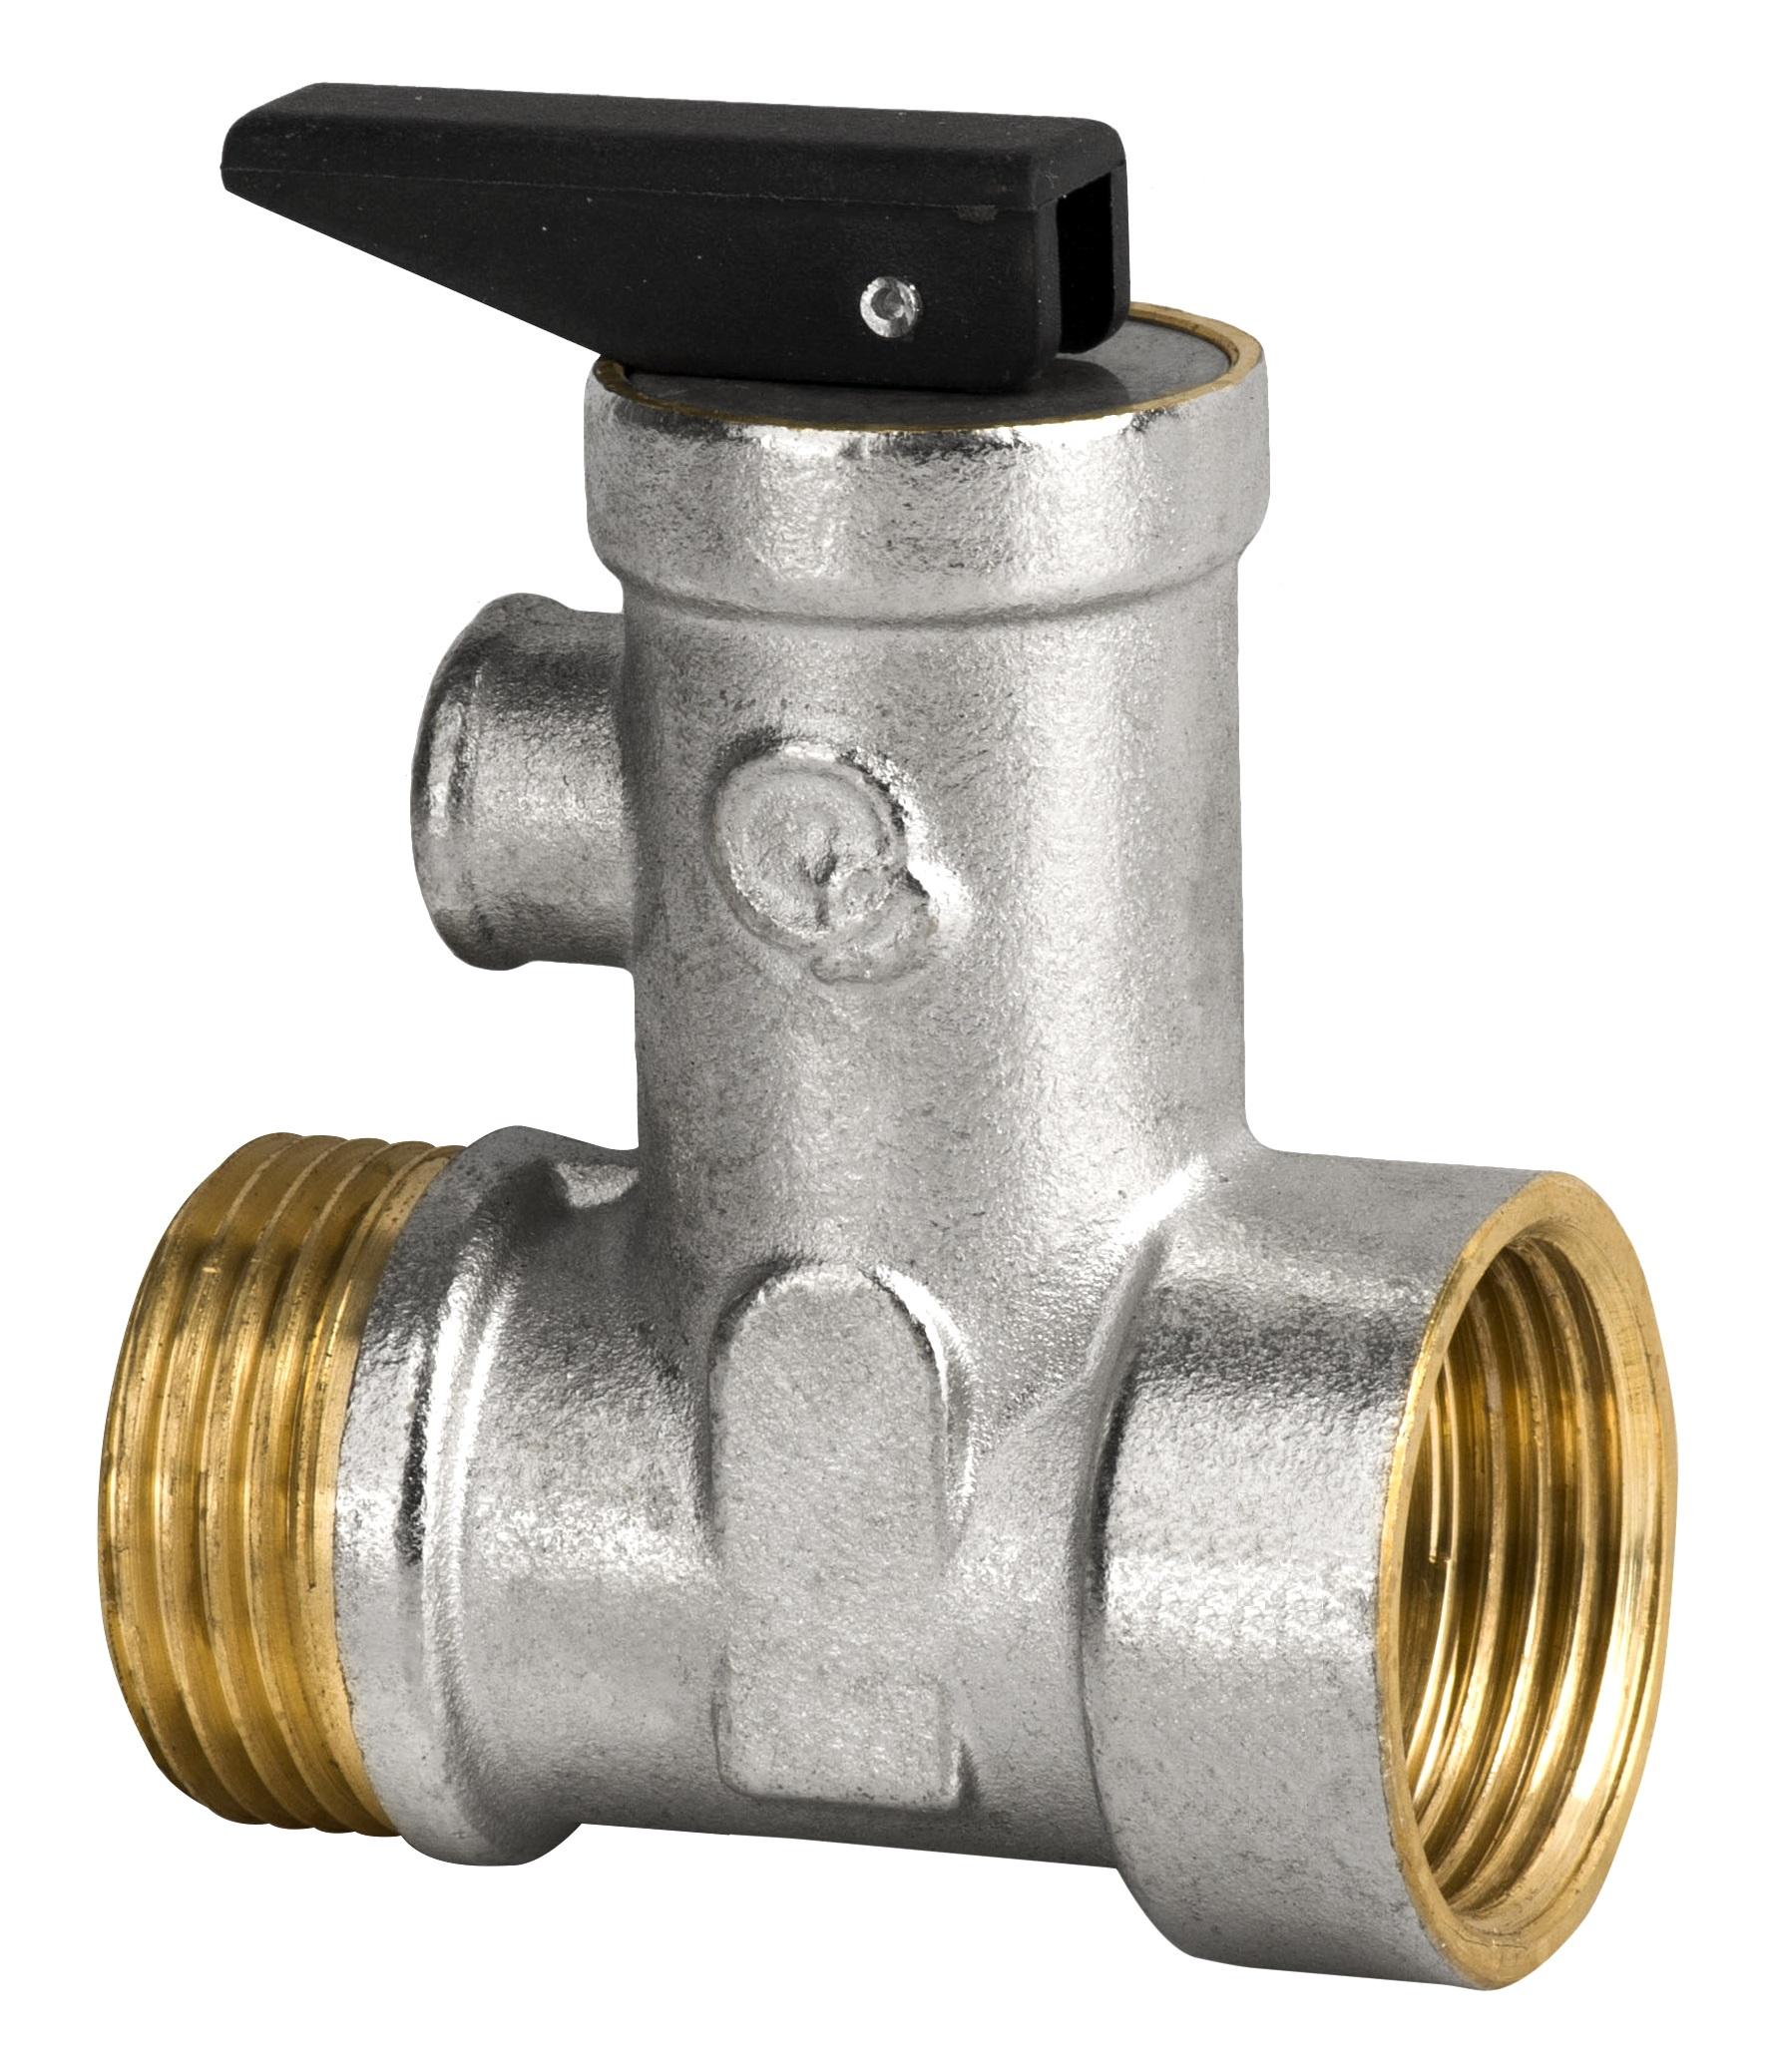 Bezpečnostný kontrolný ventil pre 3/4 kotol